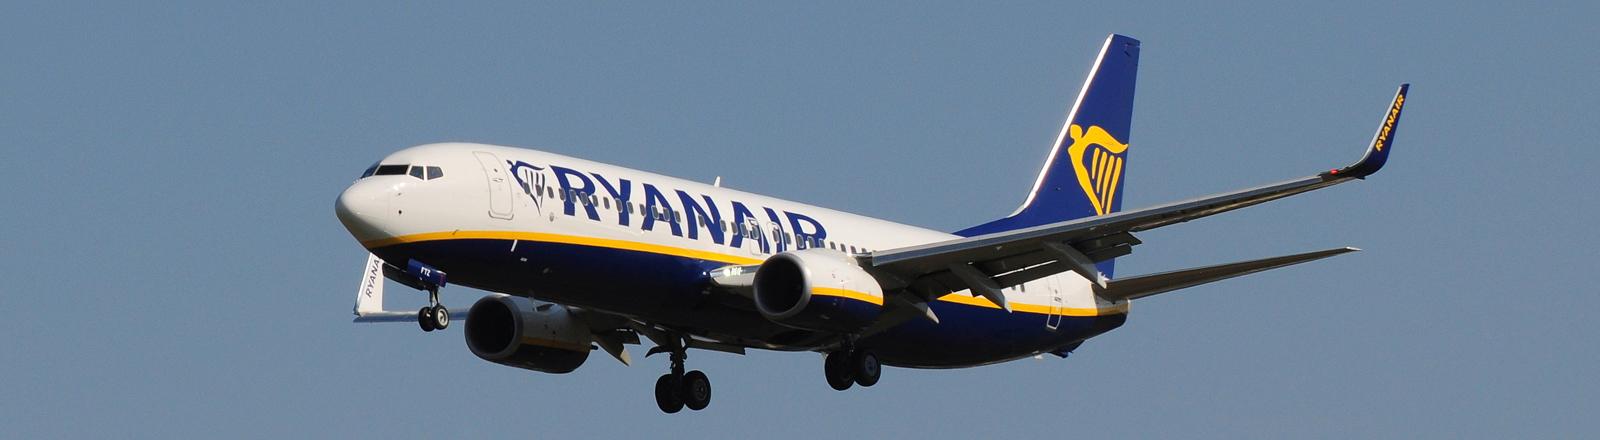 Ein Flugzeug von Ryanair in der Luft.